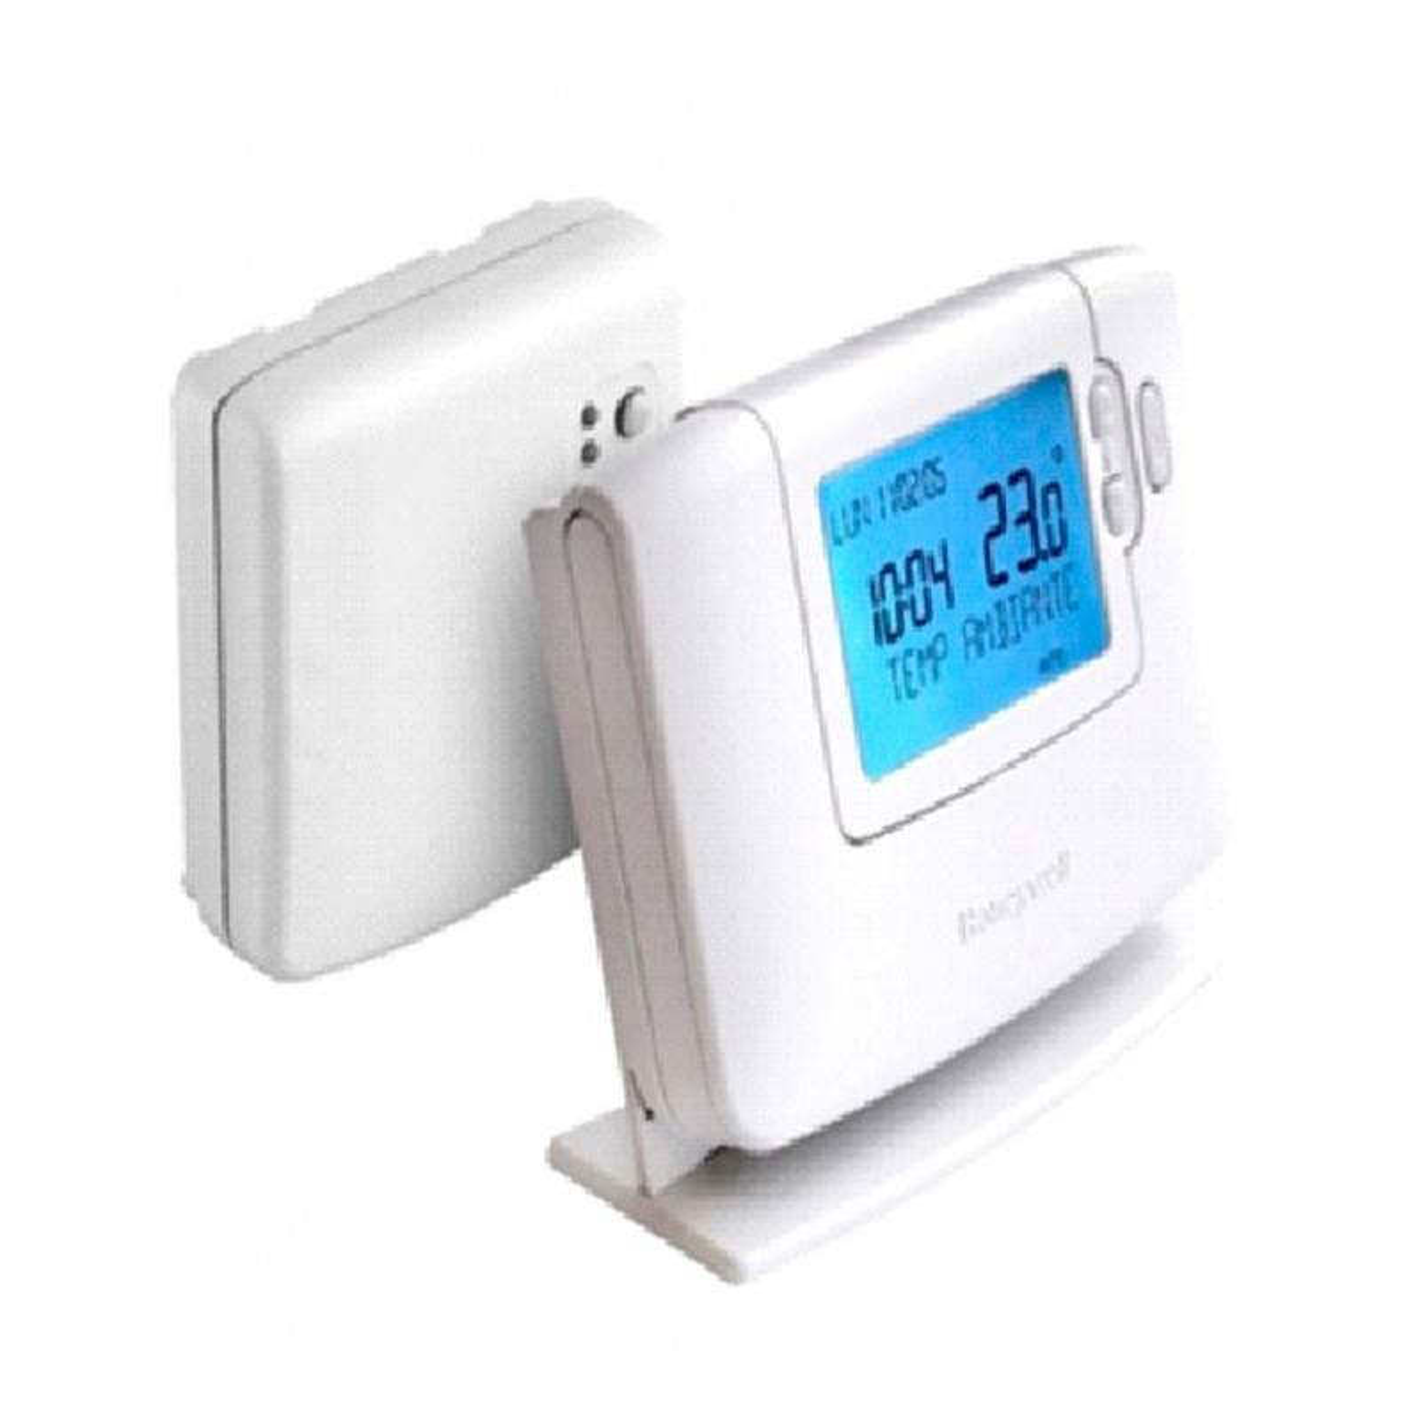 Termostato digital honeywell cm 927 - Termostato digital precio ...